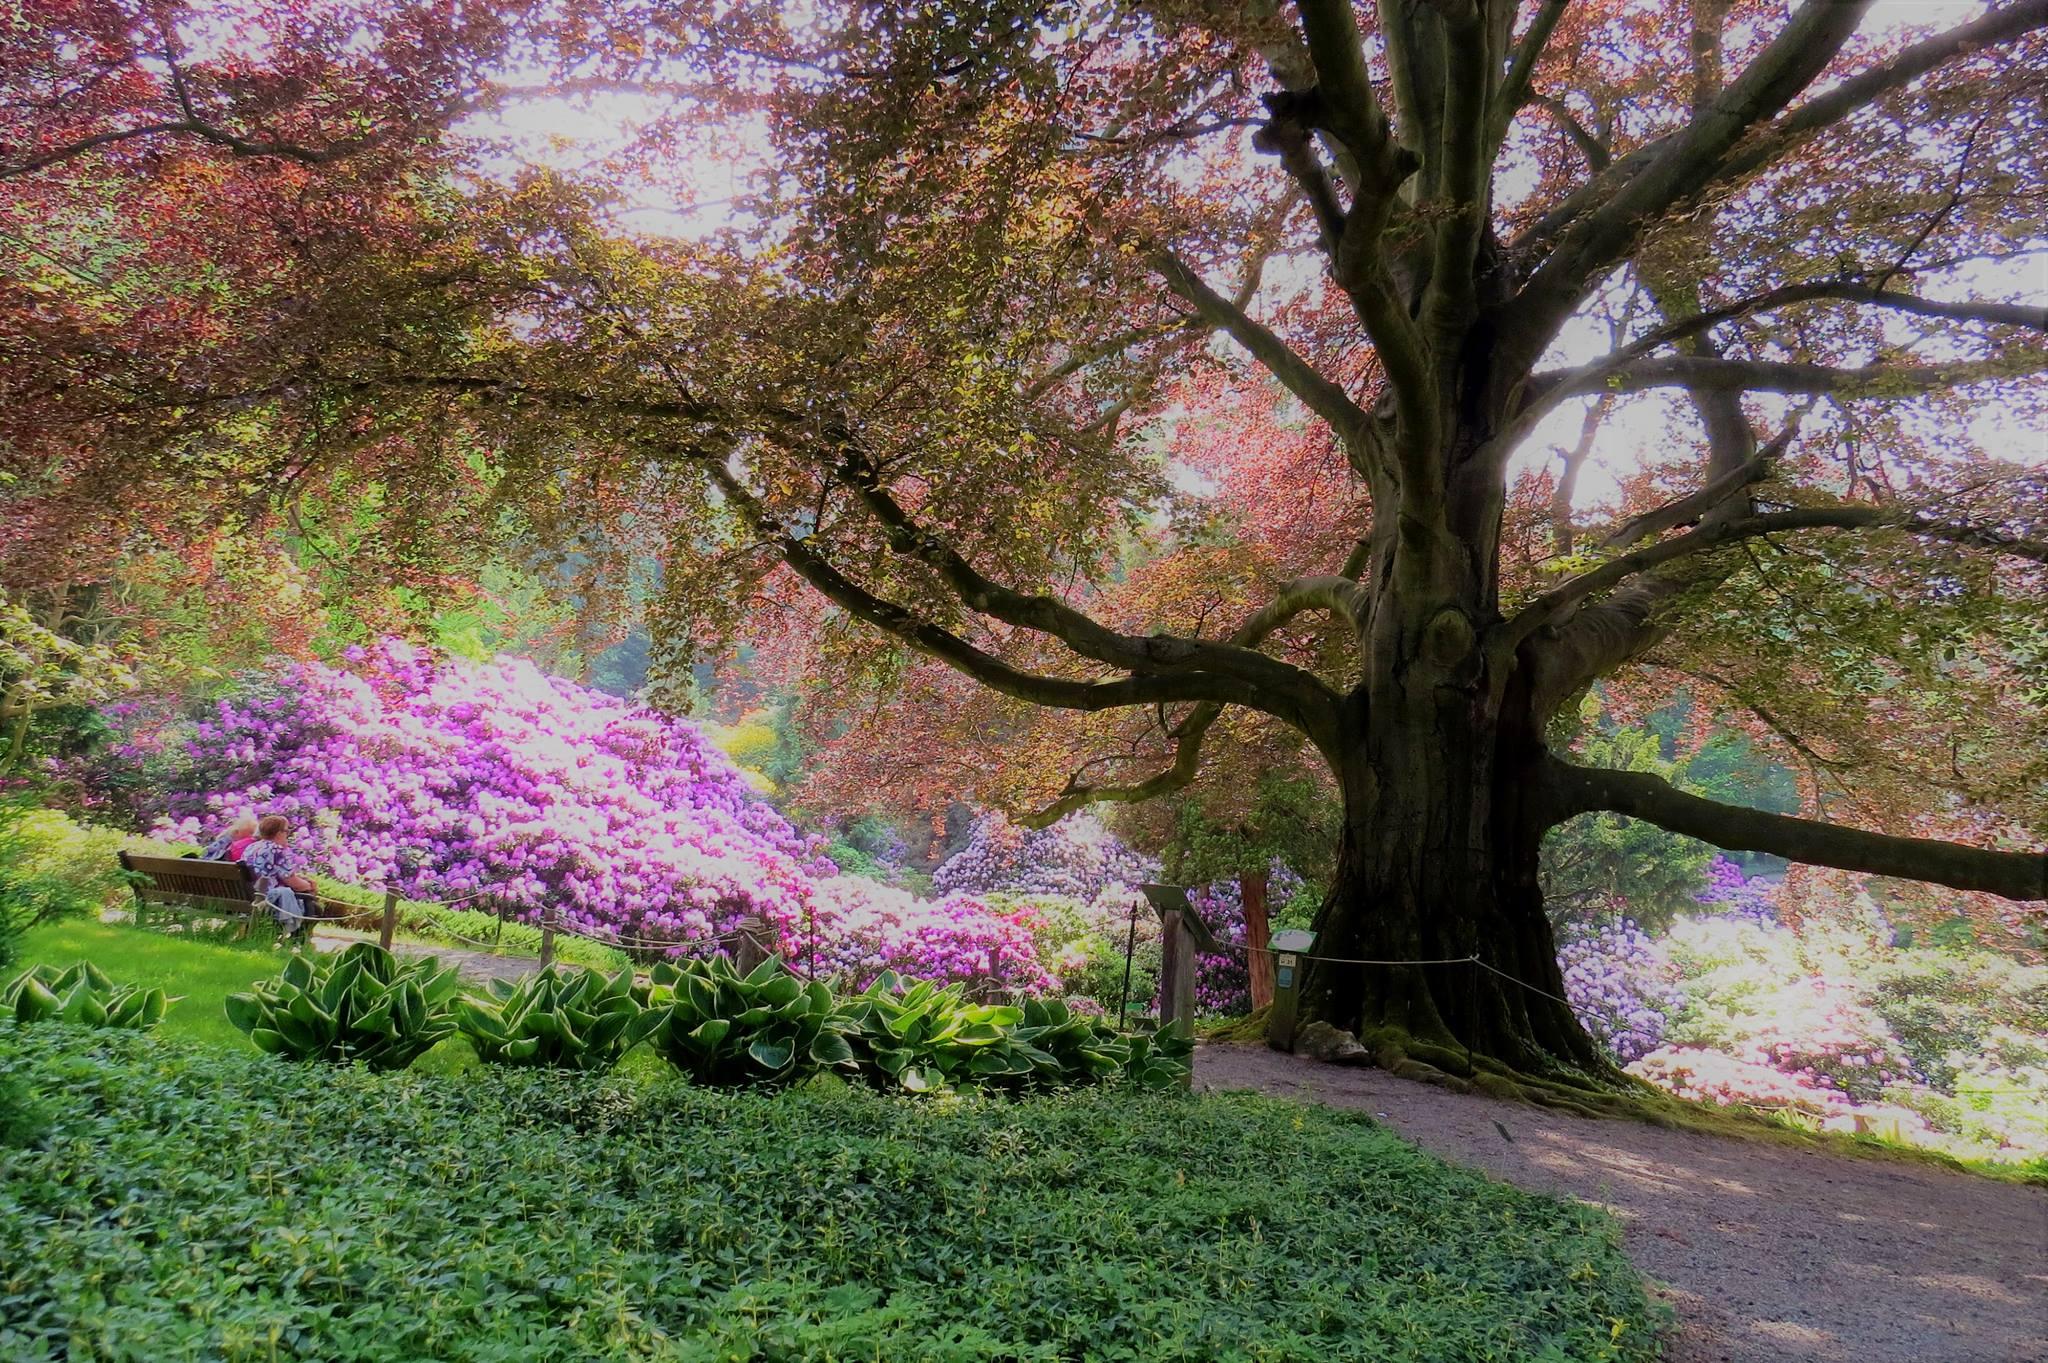 Wystawa bonsai arboretum Wojsławice 20 lat bonsai w Polsce – zapowiedź